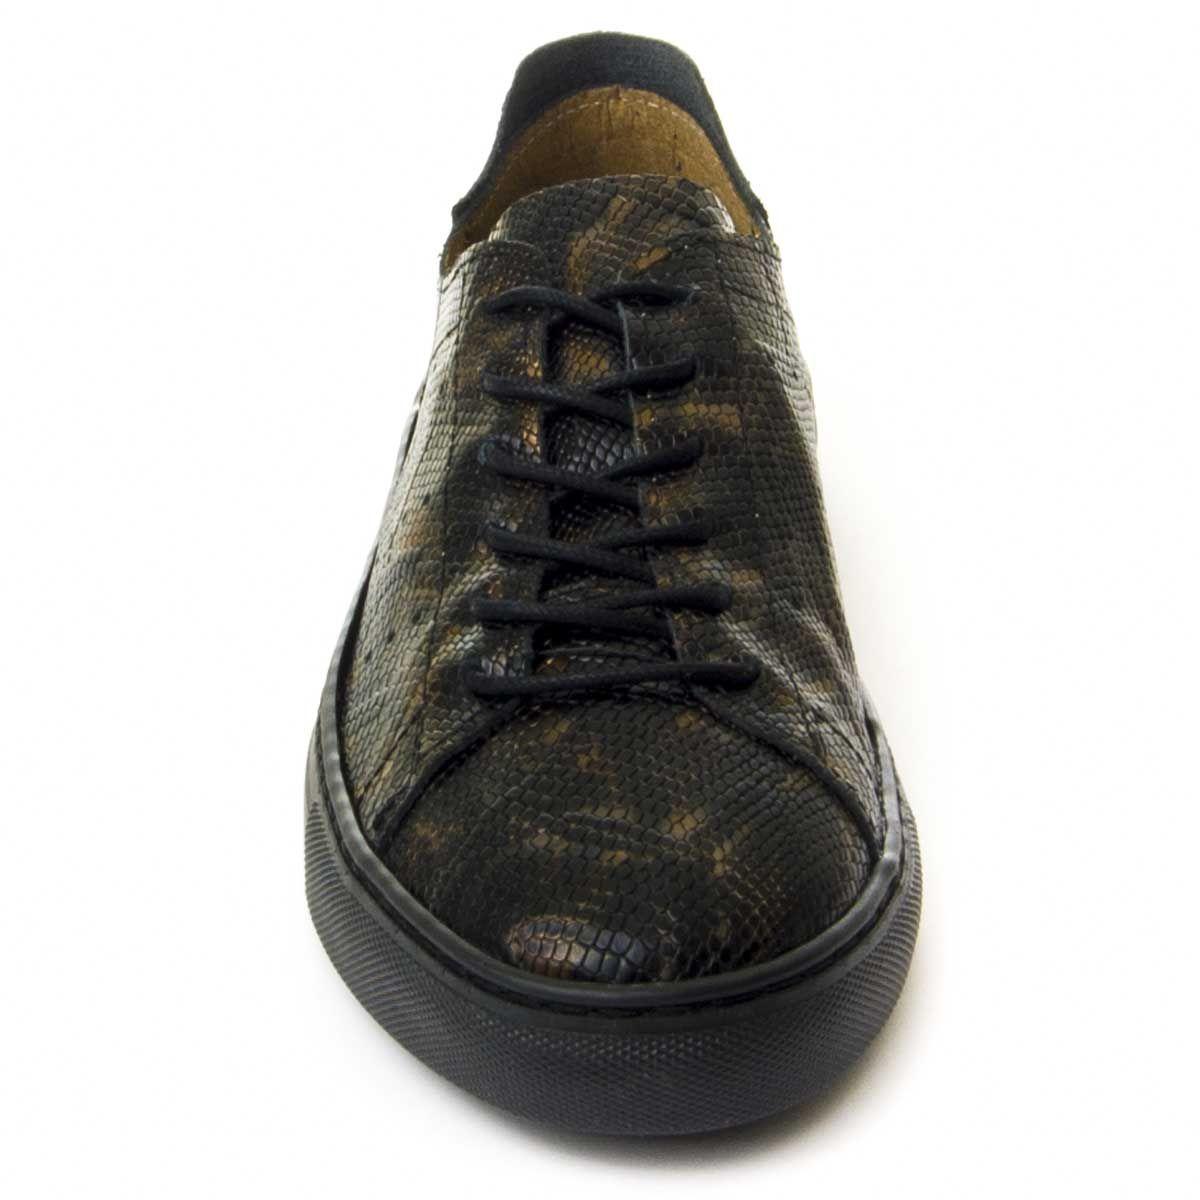 Montevita Sneaker in Black